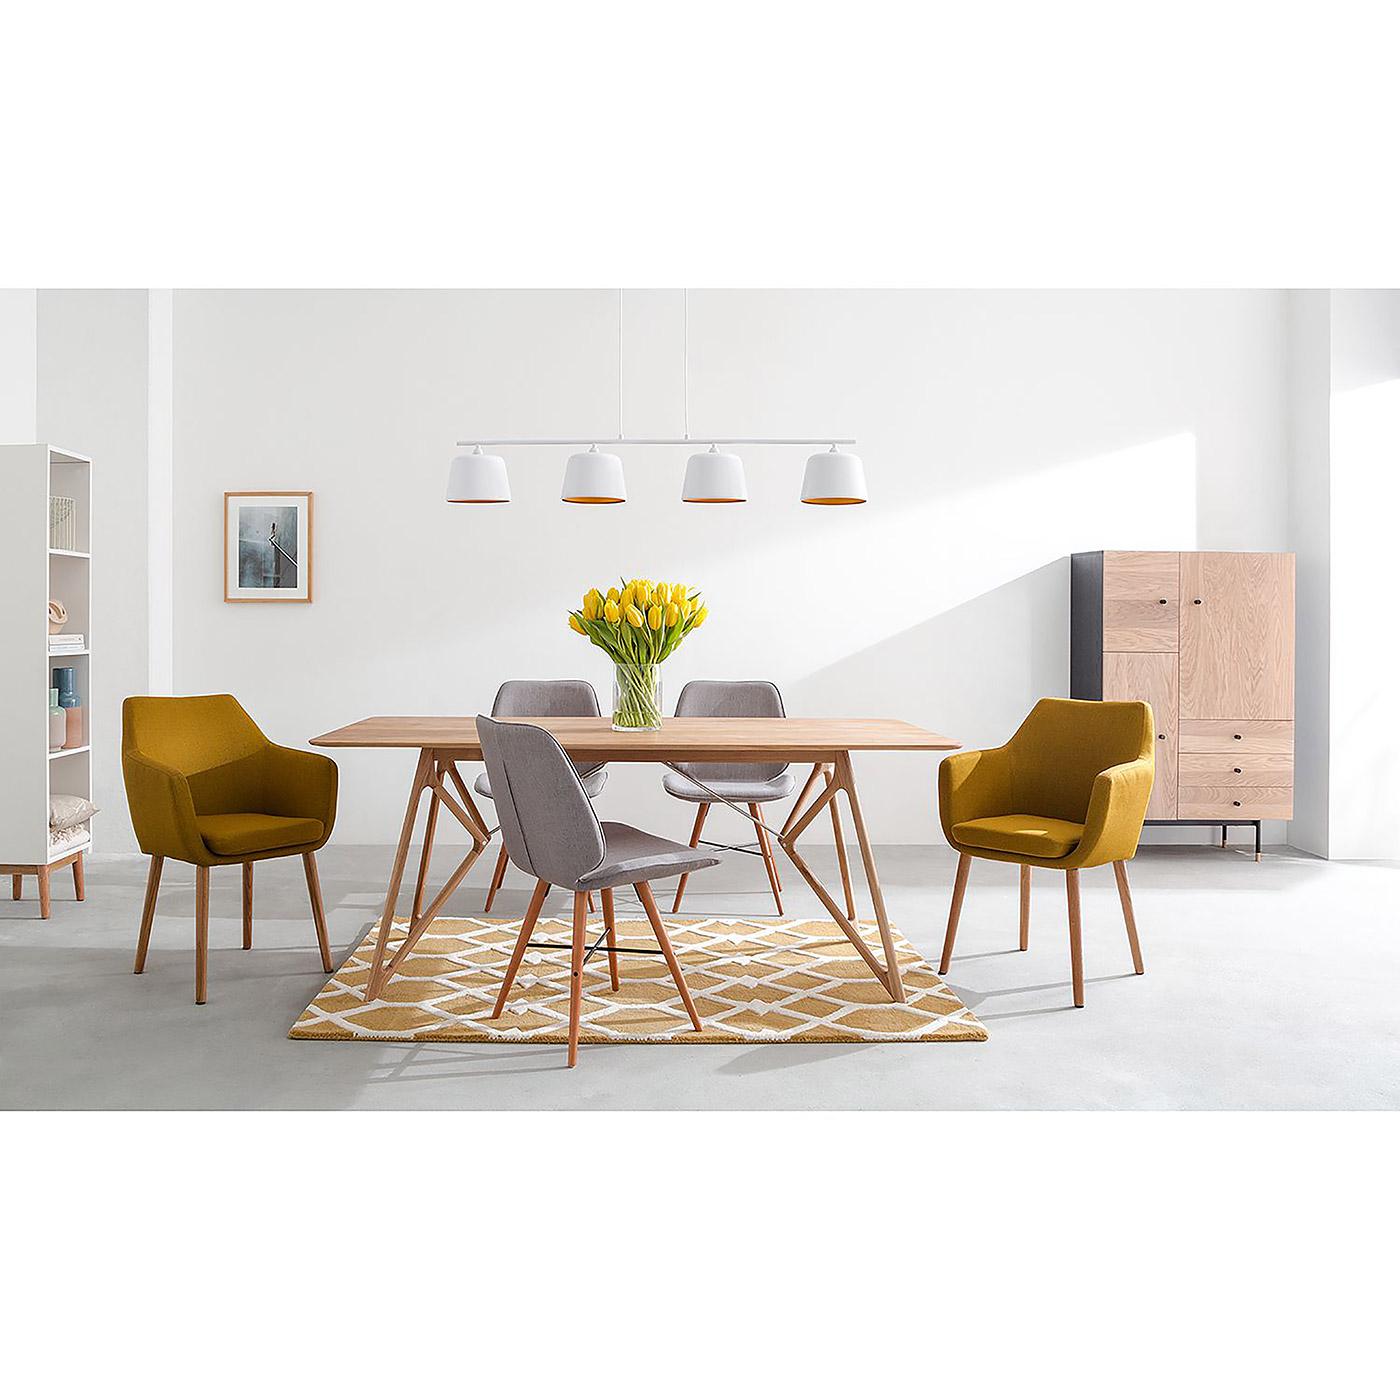 Ziemlich Homey Design Home24 Lampen Zeitgenössisch - Schlafzimmer ...